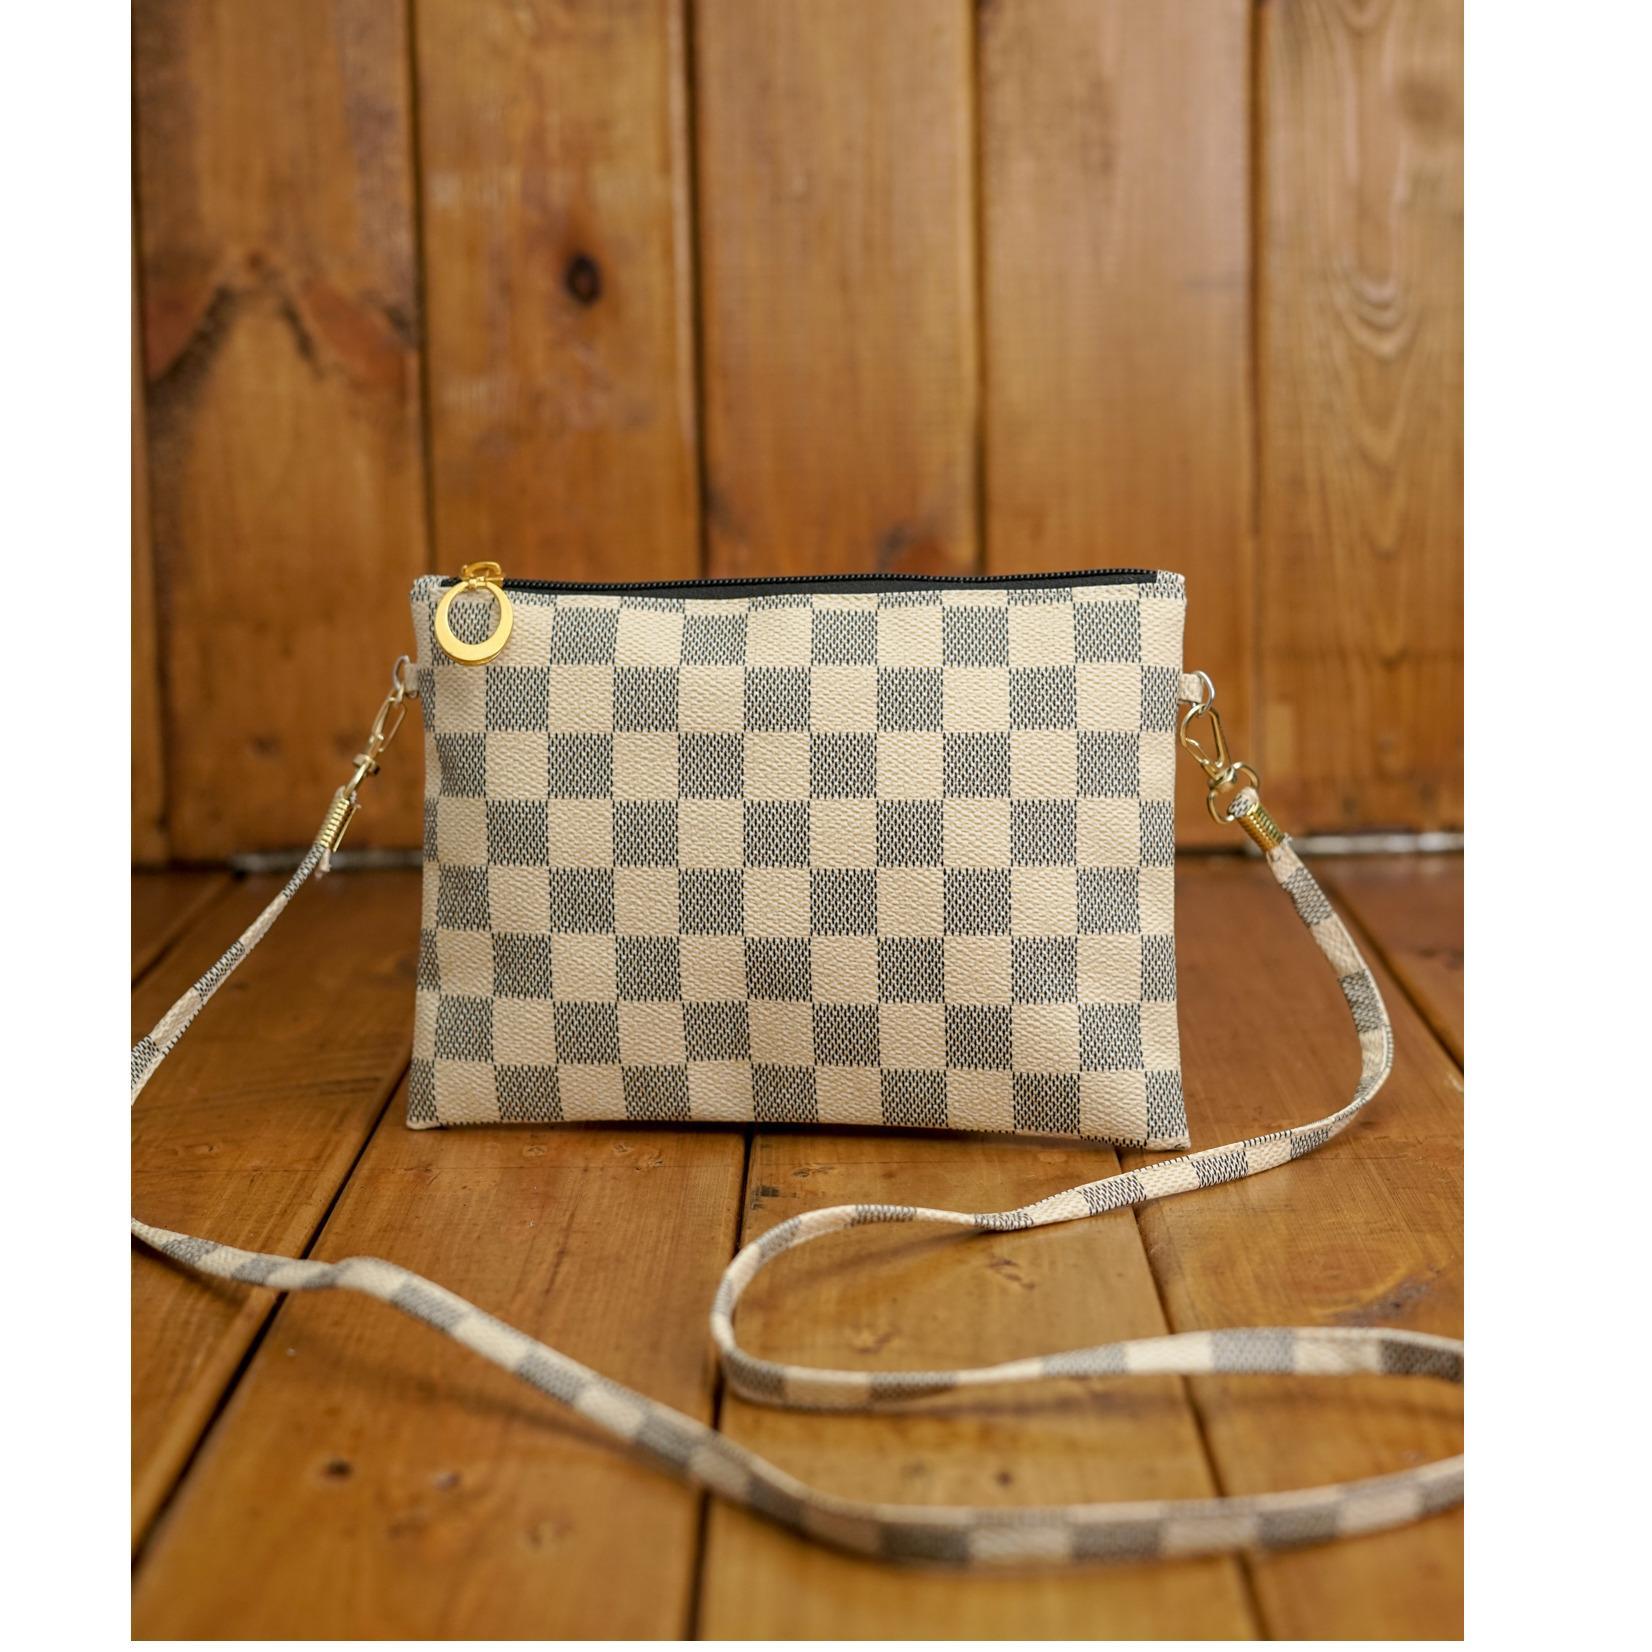 Zelig Official Tas selempang wanita motif kotak-kotak/ tas import fashion wanita/Dompet